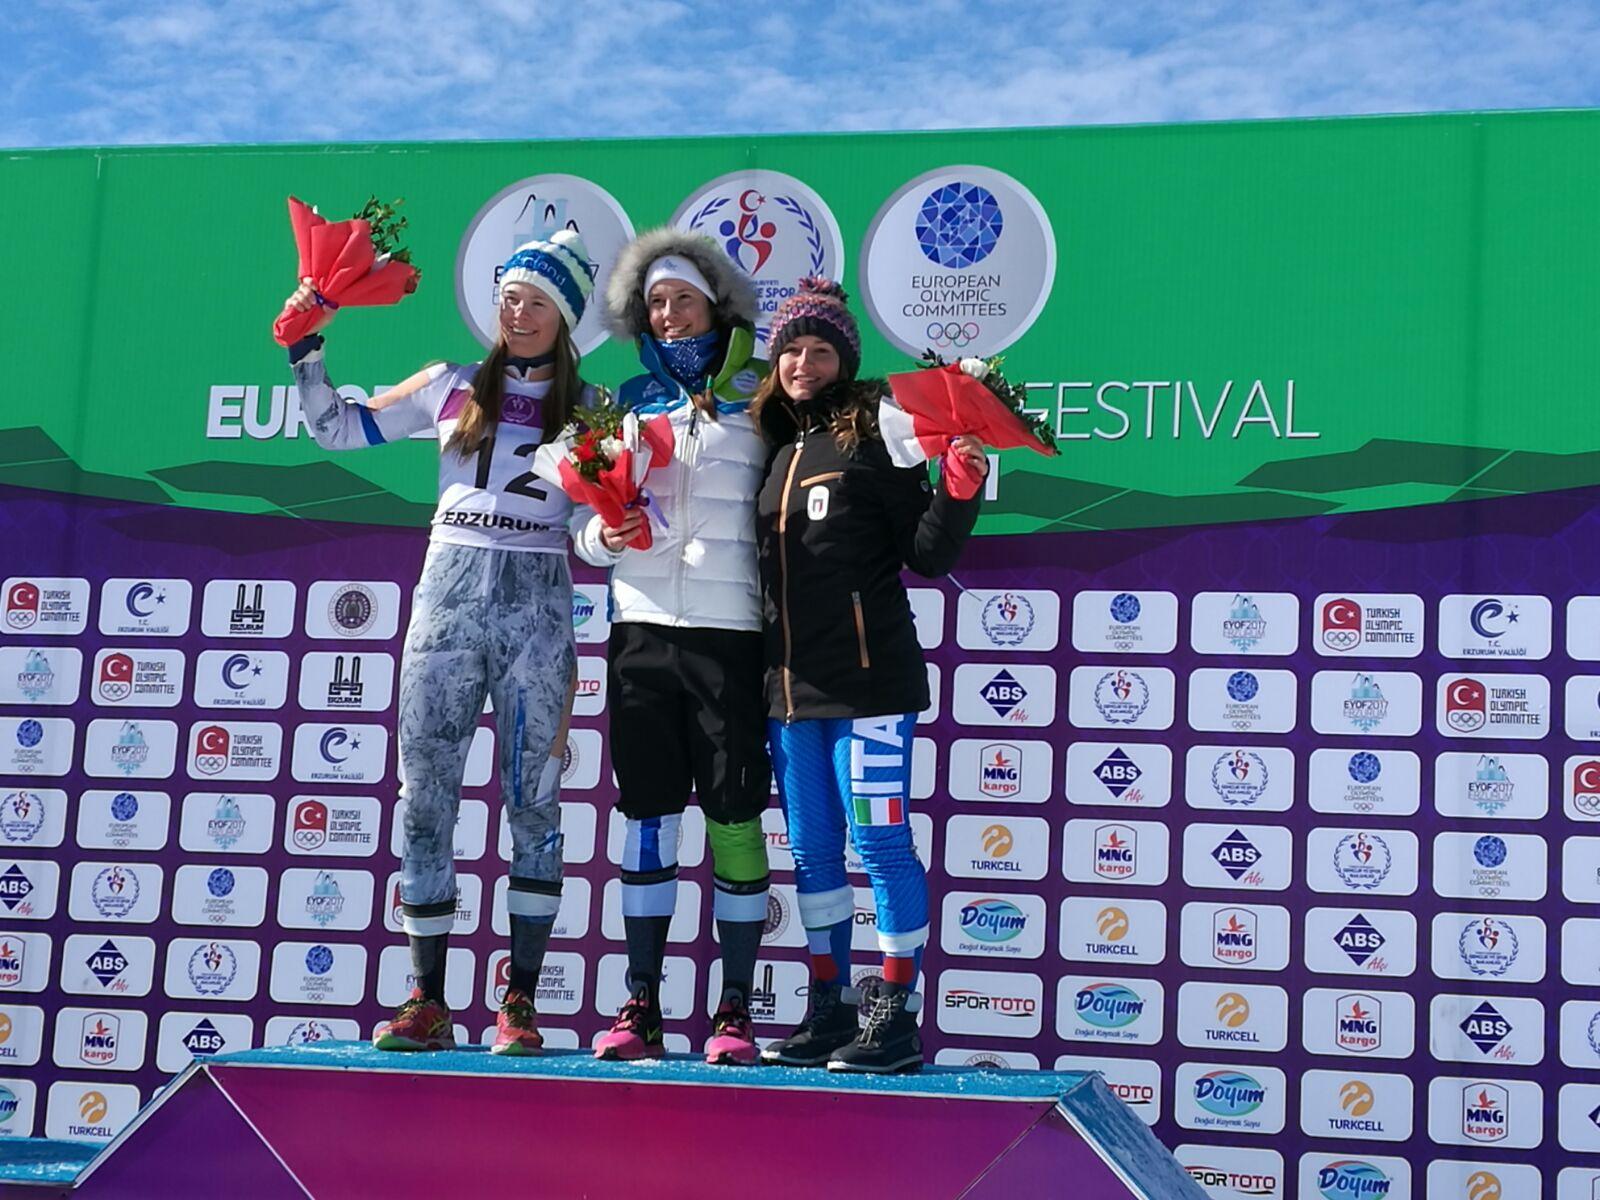 Il podio dello slalom EYOF in Turchia con il bronzo di Lara Della Mea